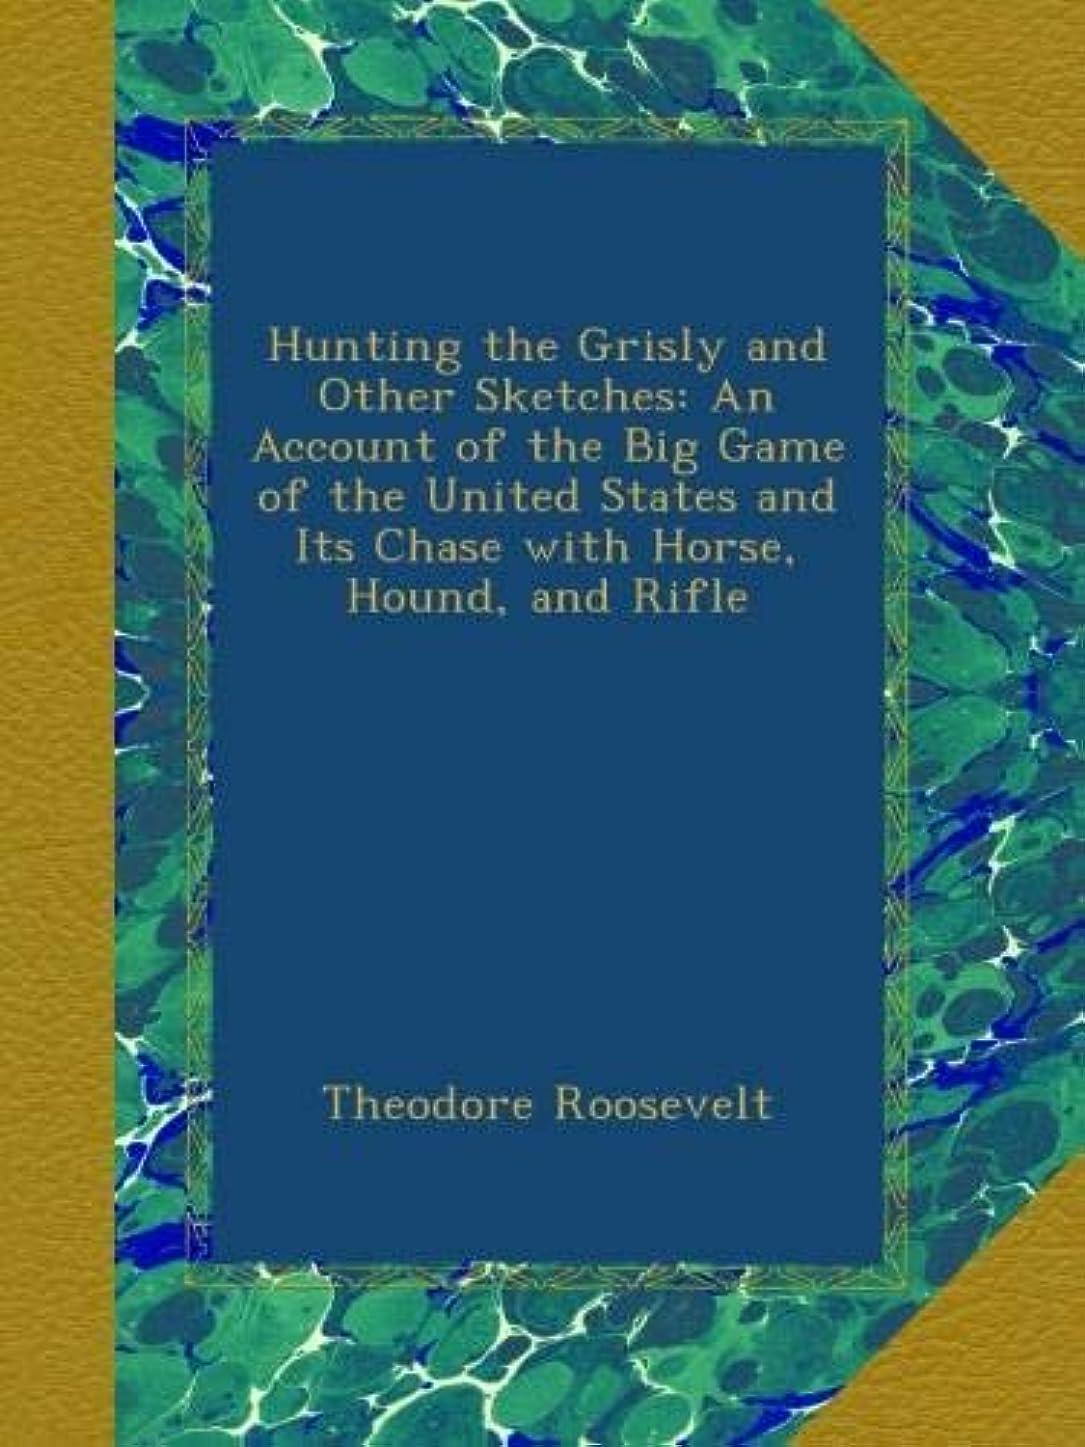 ステレオ旅行者ほとんどないHunting the Grisly and Other Sketches: An Account of the Big Game of the United States and Its Chase with Horse, Hound, and Rifle